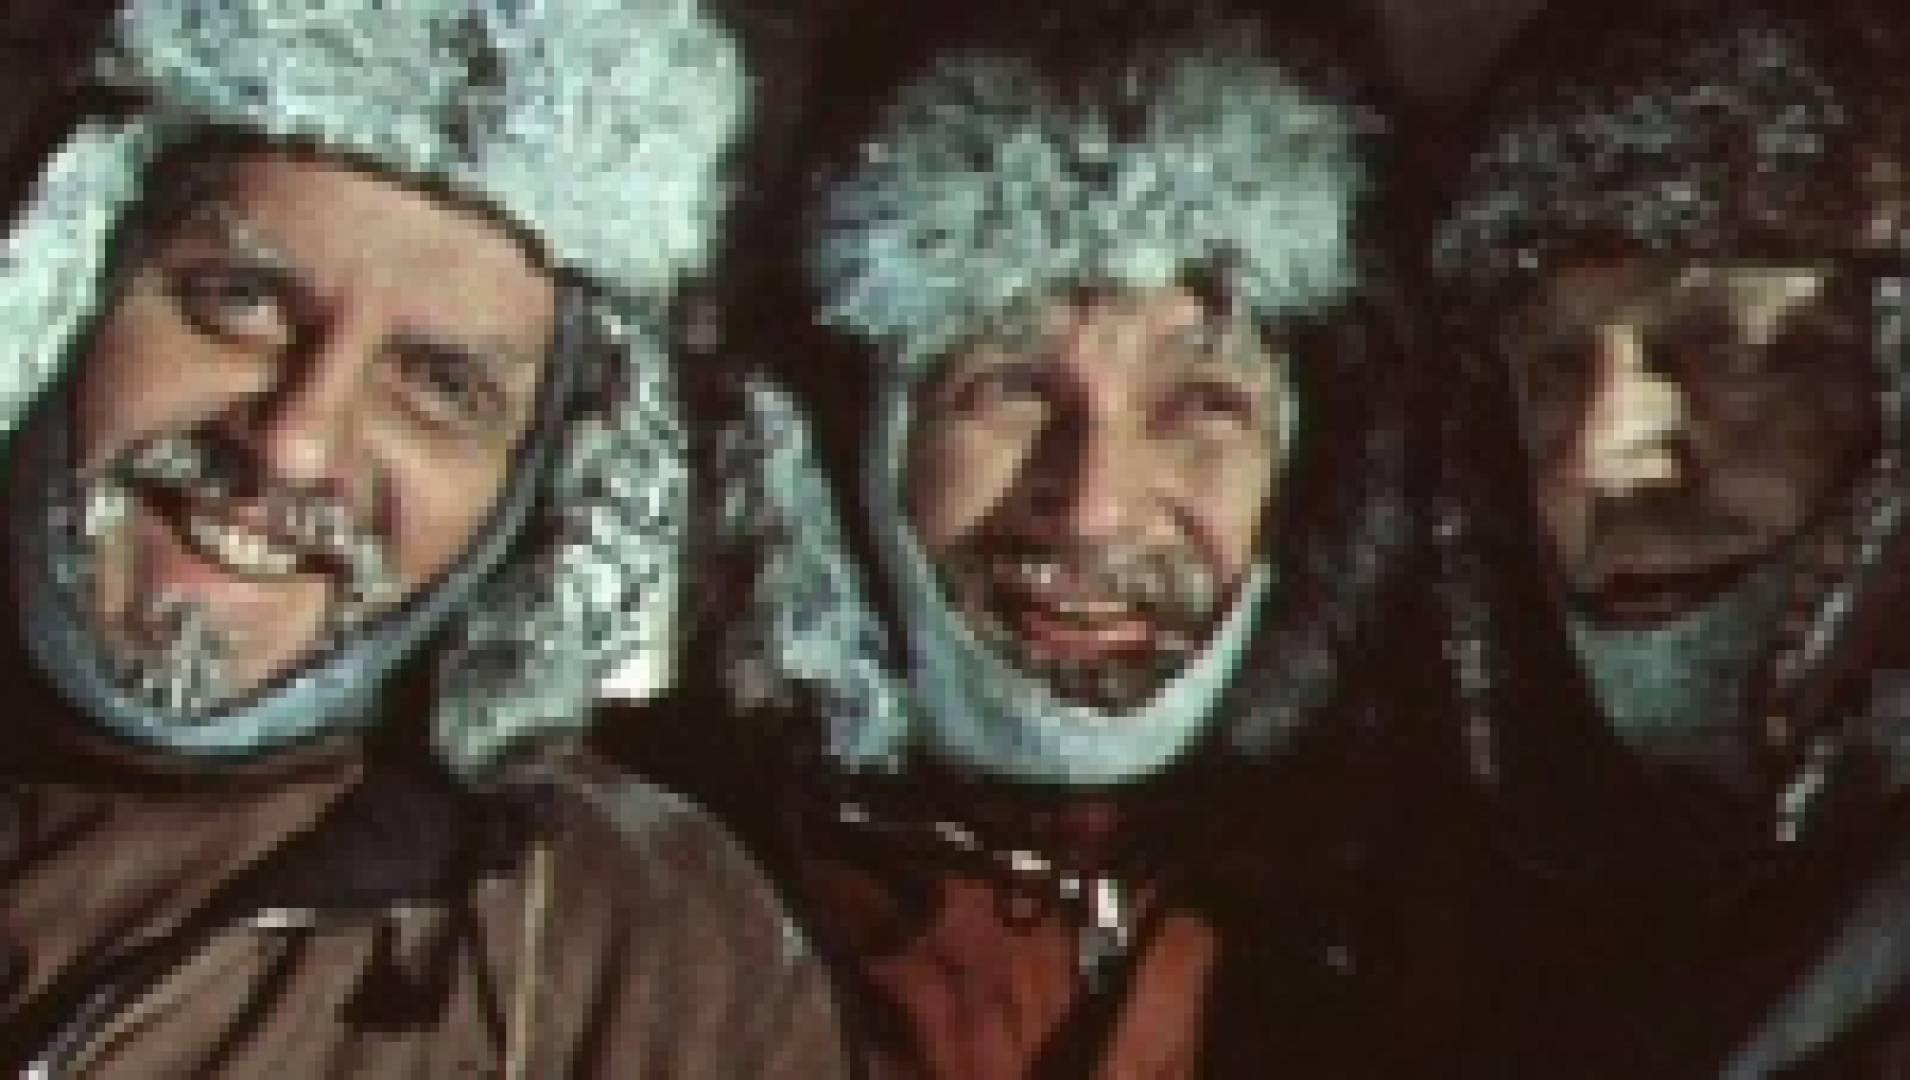 Антарктическая повесть - Приключения, Фильм